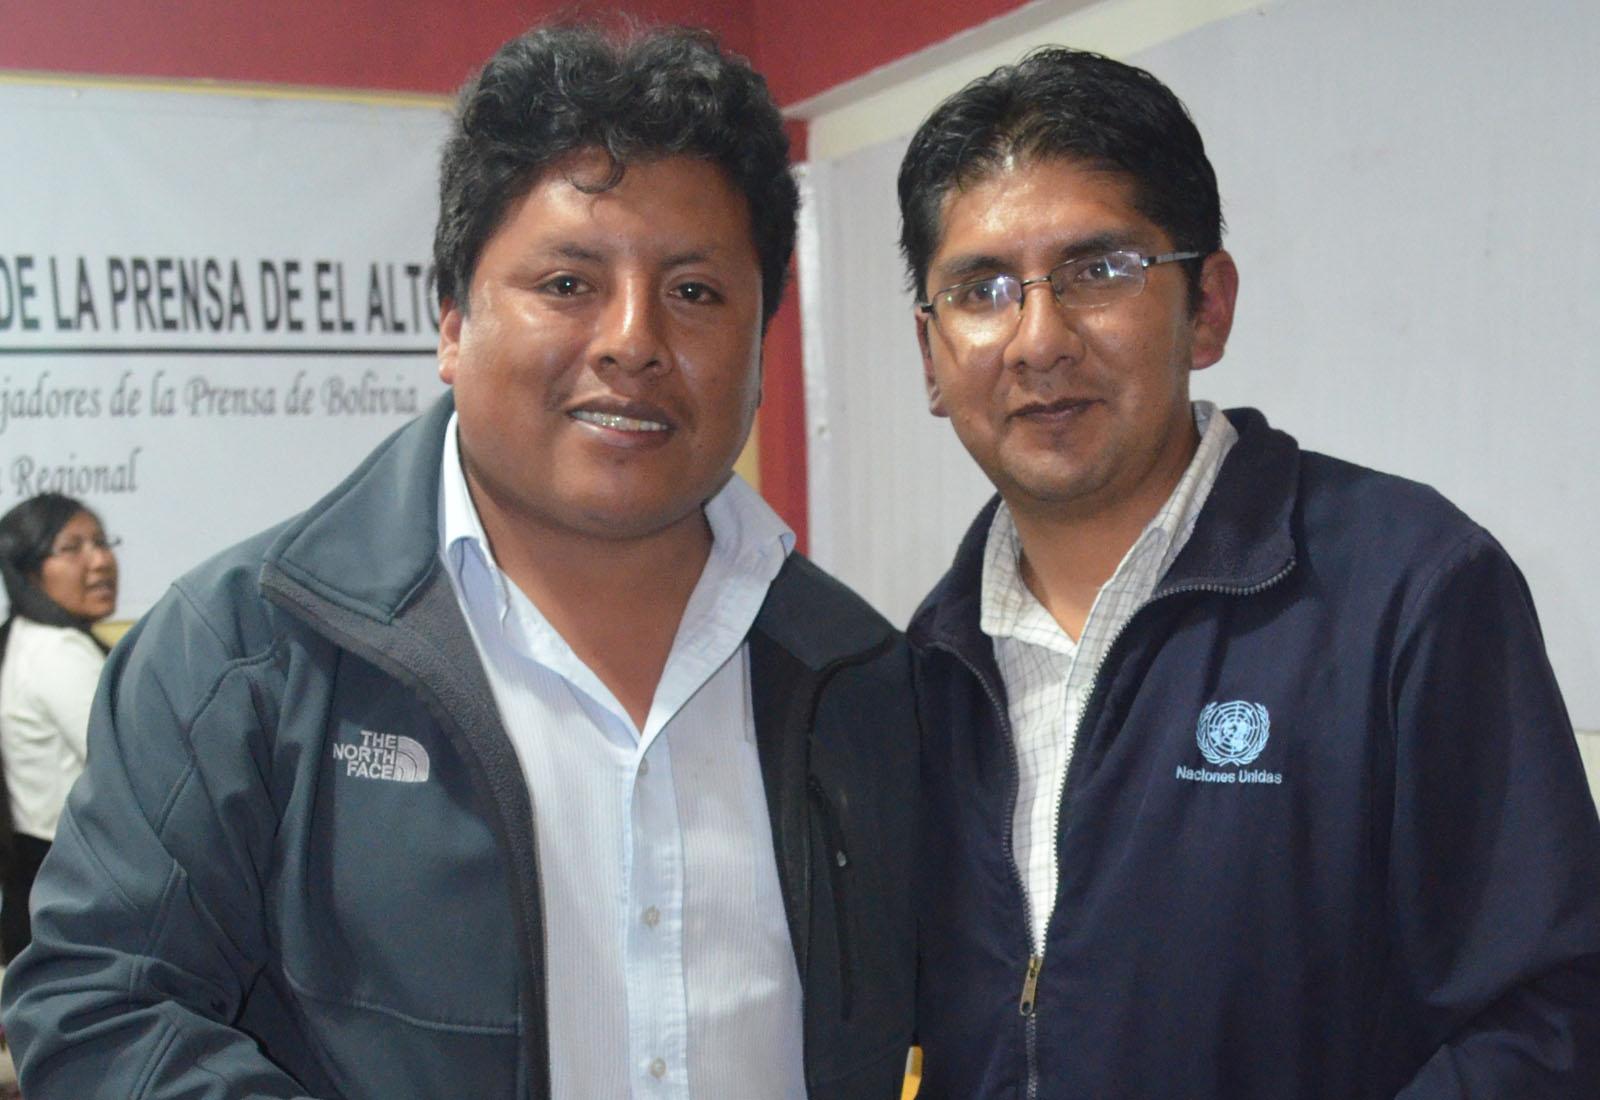 Pablo Peralta y Wilfredo Jordán dictarán el seminario sobre tecnología